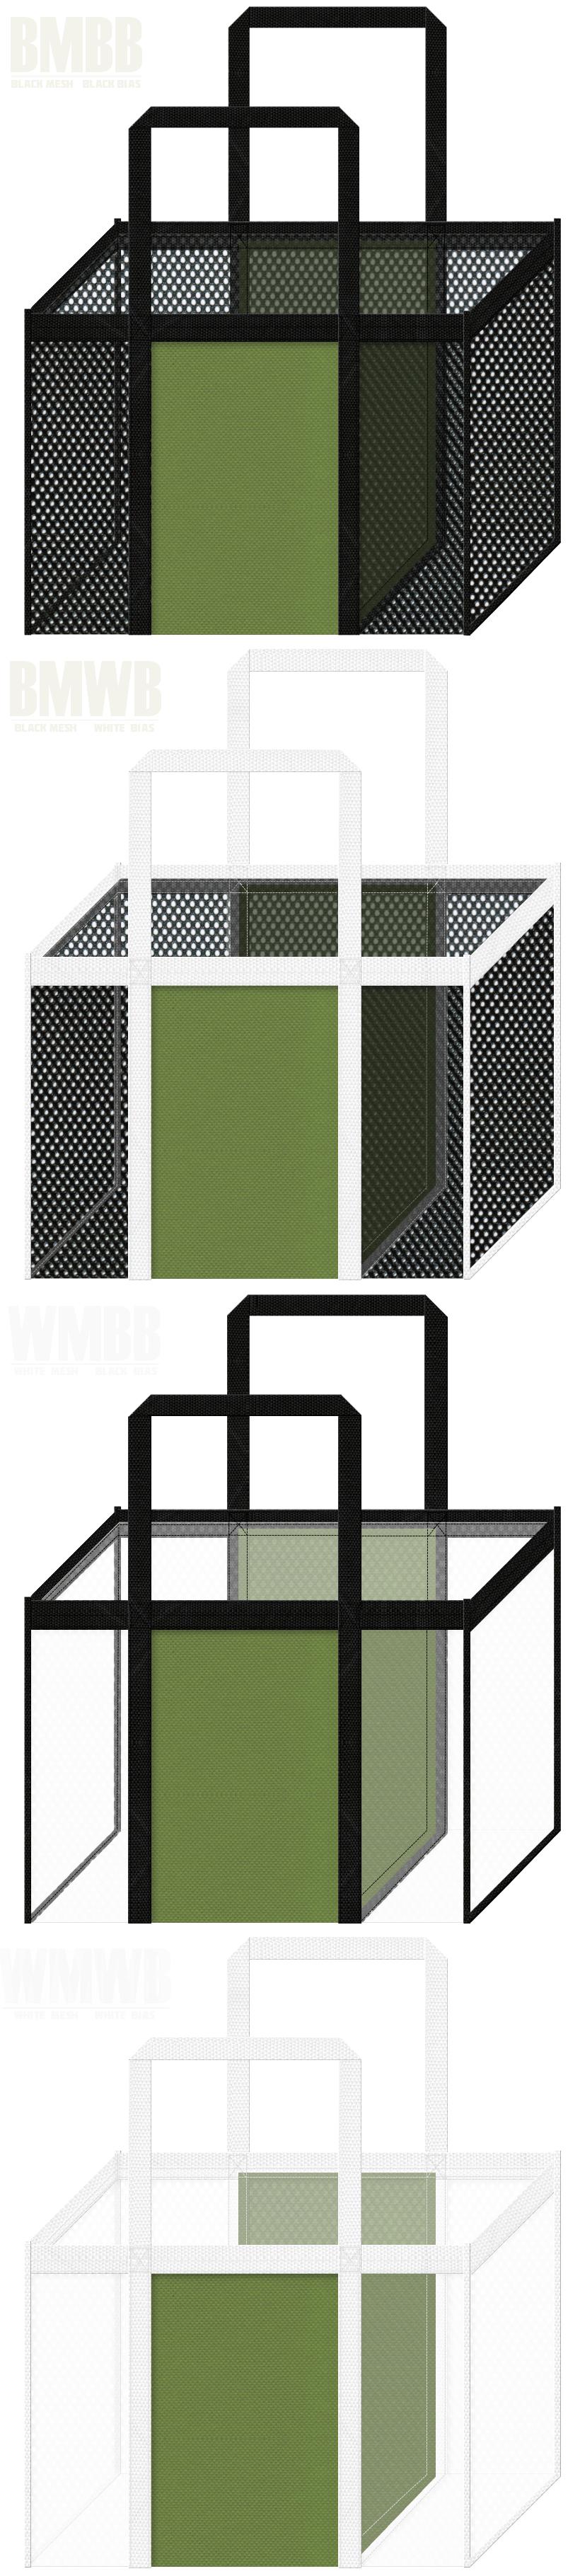 角型メッシュバッグのカラーシミュレーション:黒色・白色メッシュと草色不織布の組み合わせ